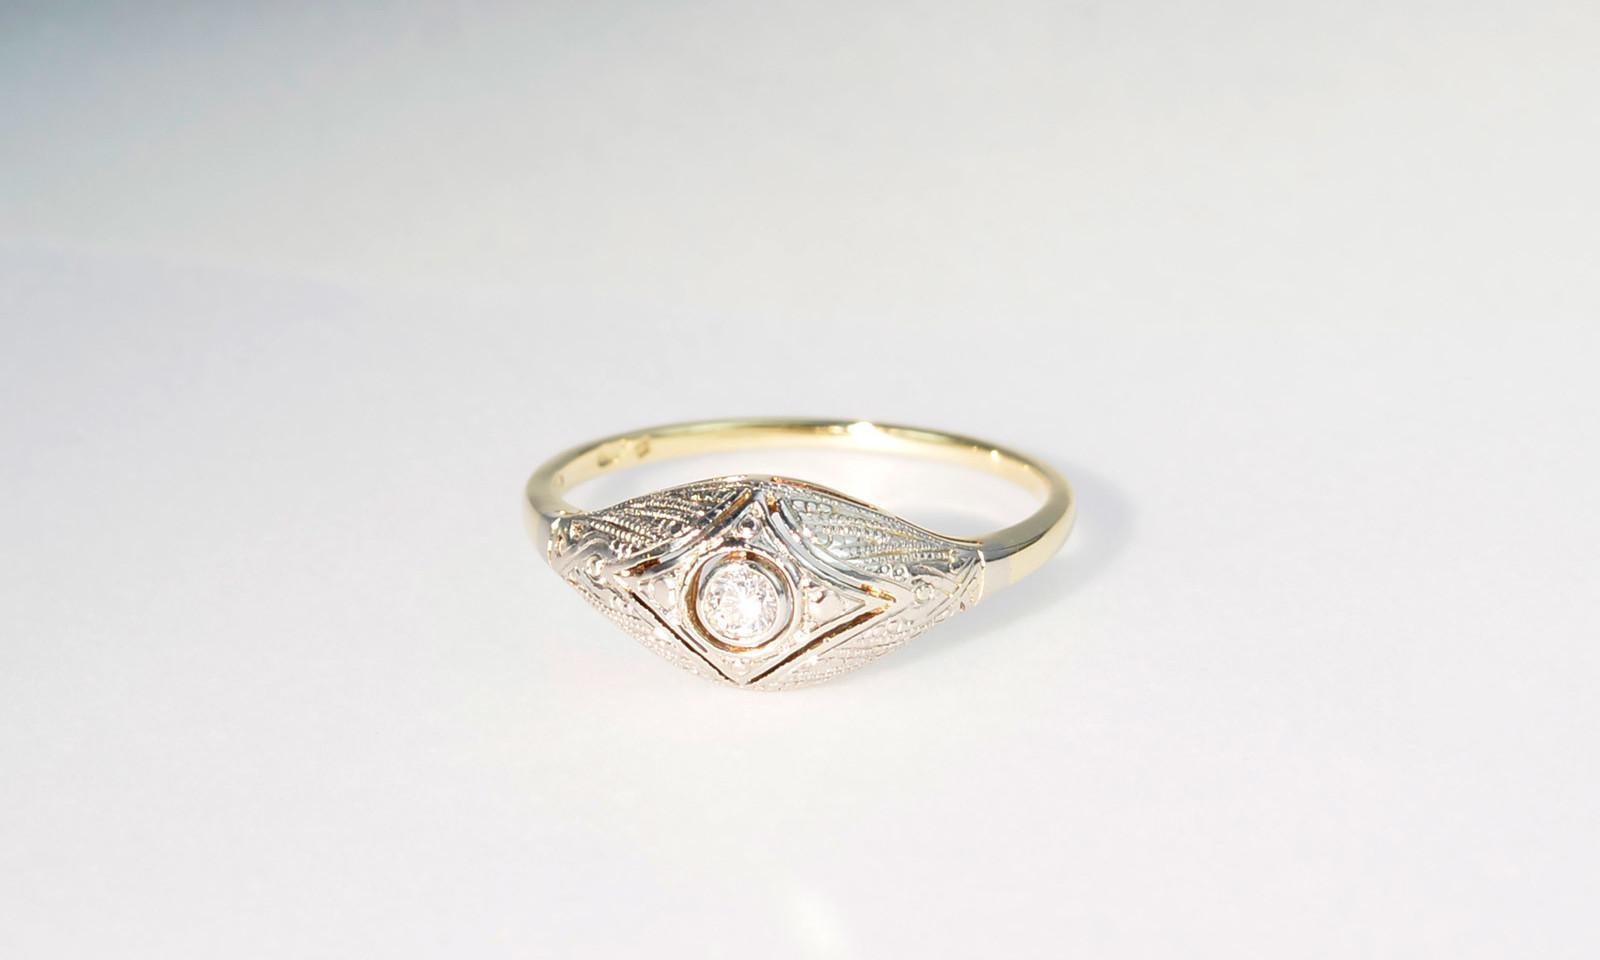 Ring antik graviert. Ring Platin auf Gelbgold 585, Tschechoslowakei um 1920, mit Brillant d 2.3 mm, CHF 1550.-